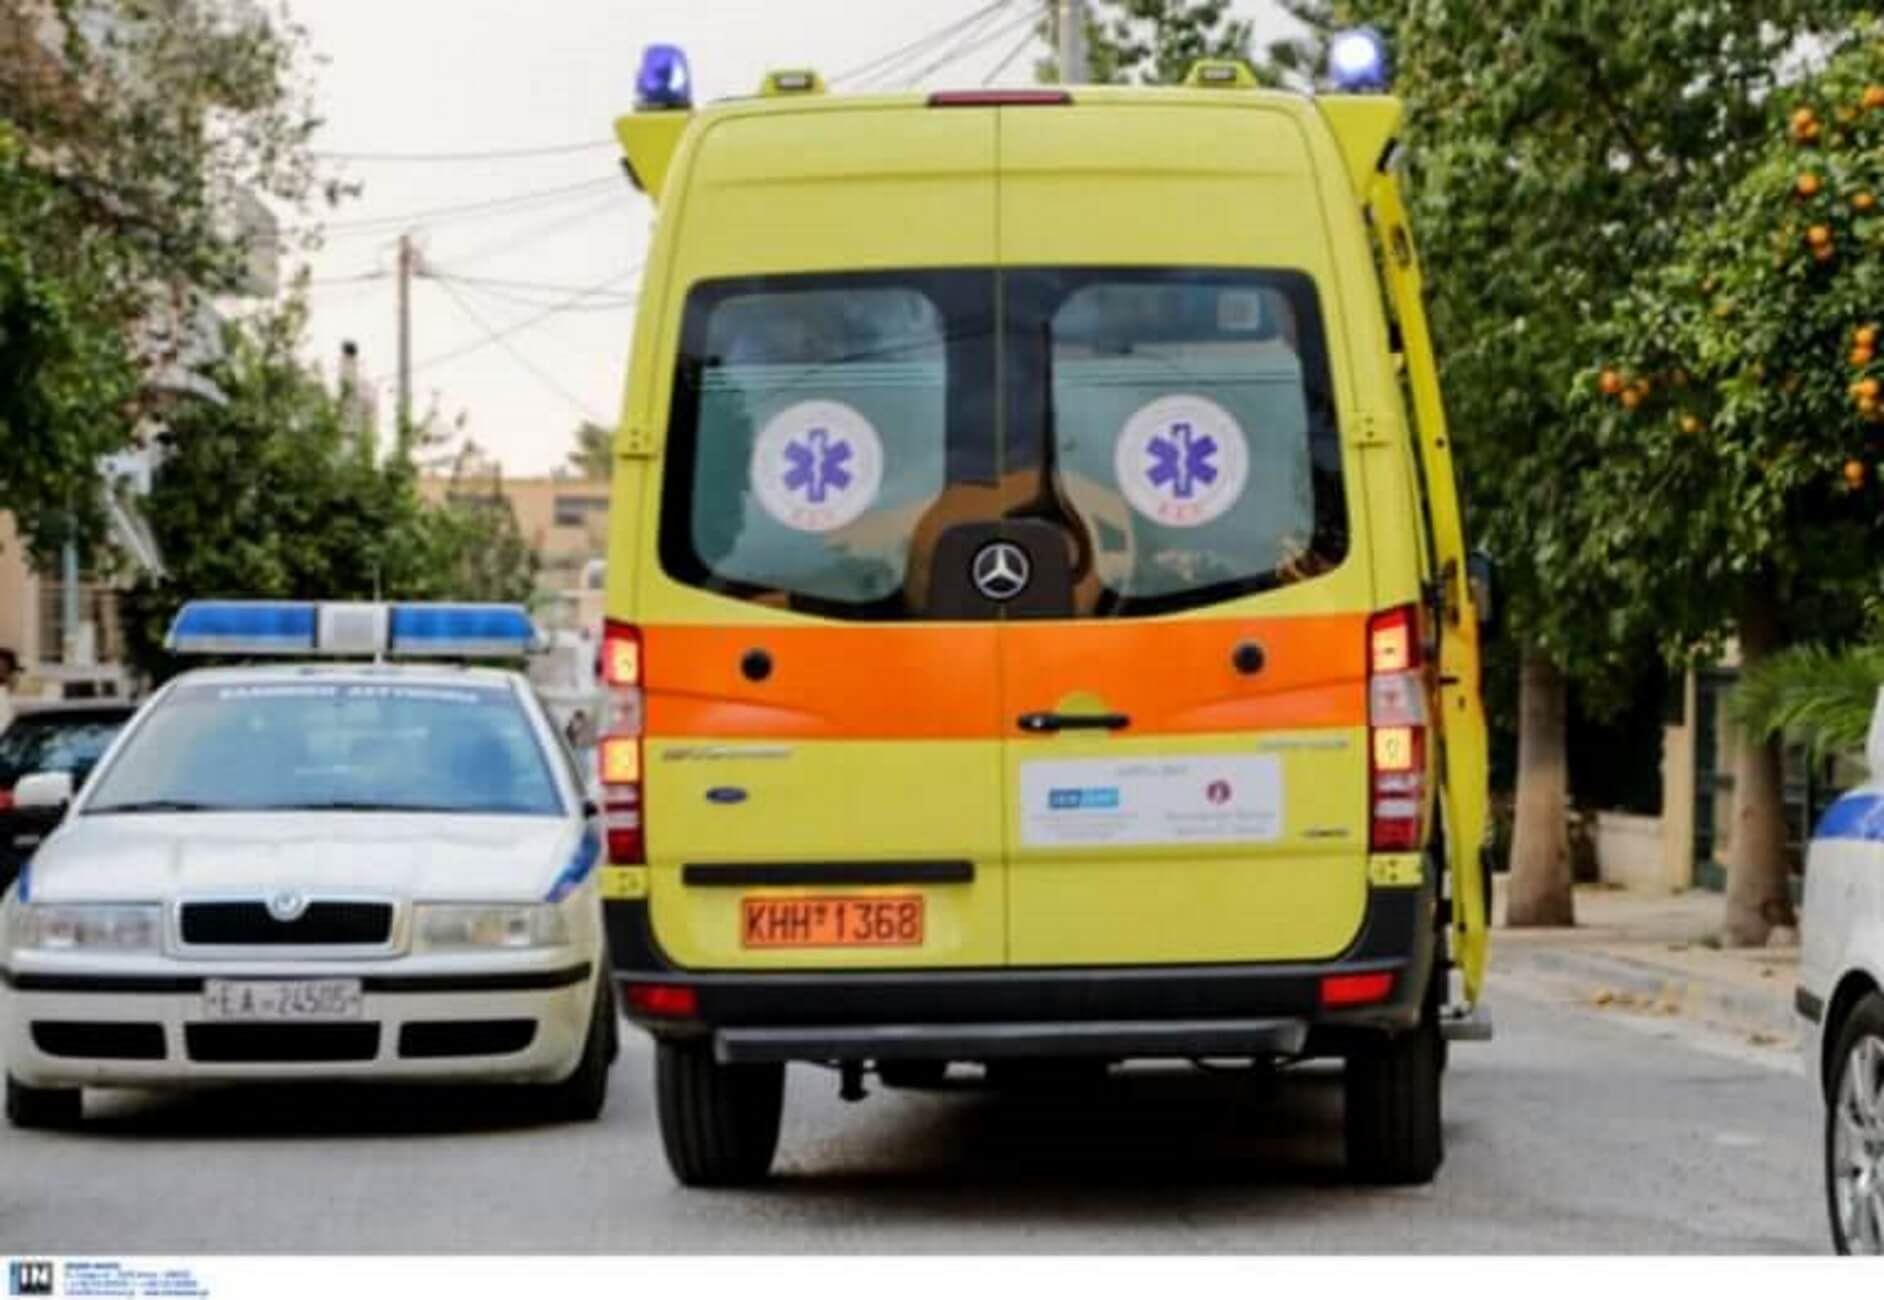 Θεσσαλονίκη: Νέα στοιχεία για το παιδί που πνίγηκε από λουκάνικο – Το λάθος πάνω στον πανικό – video